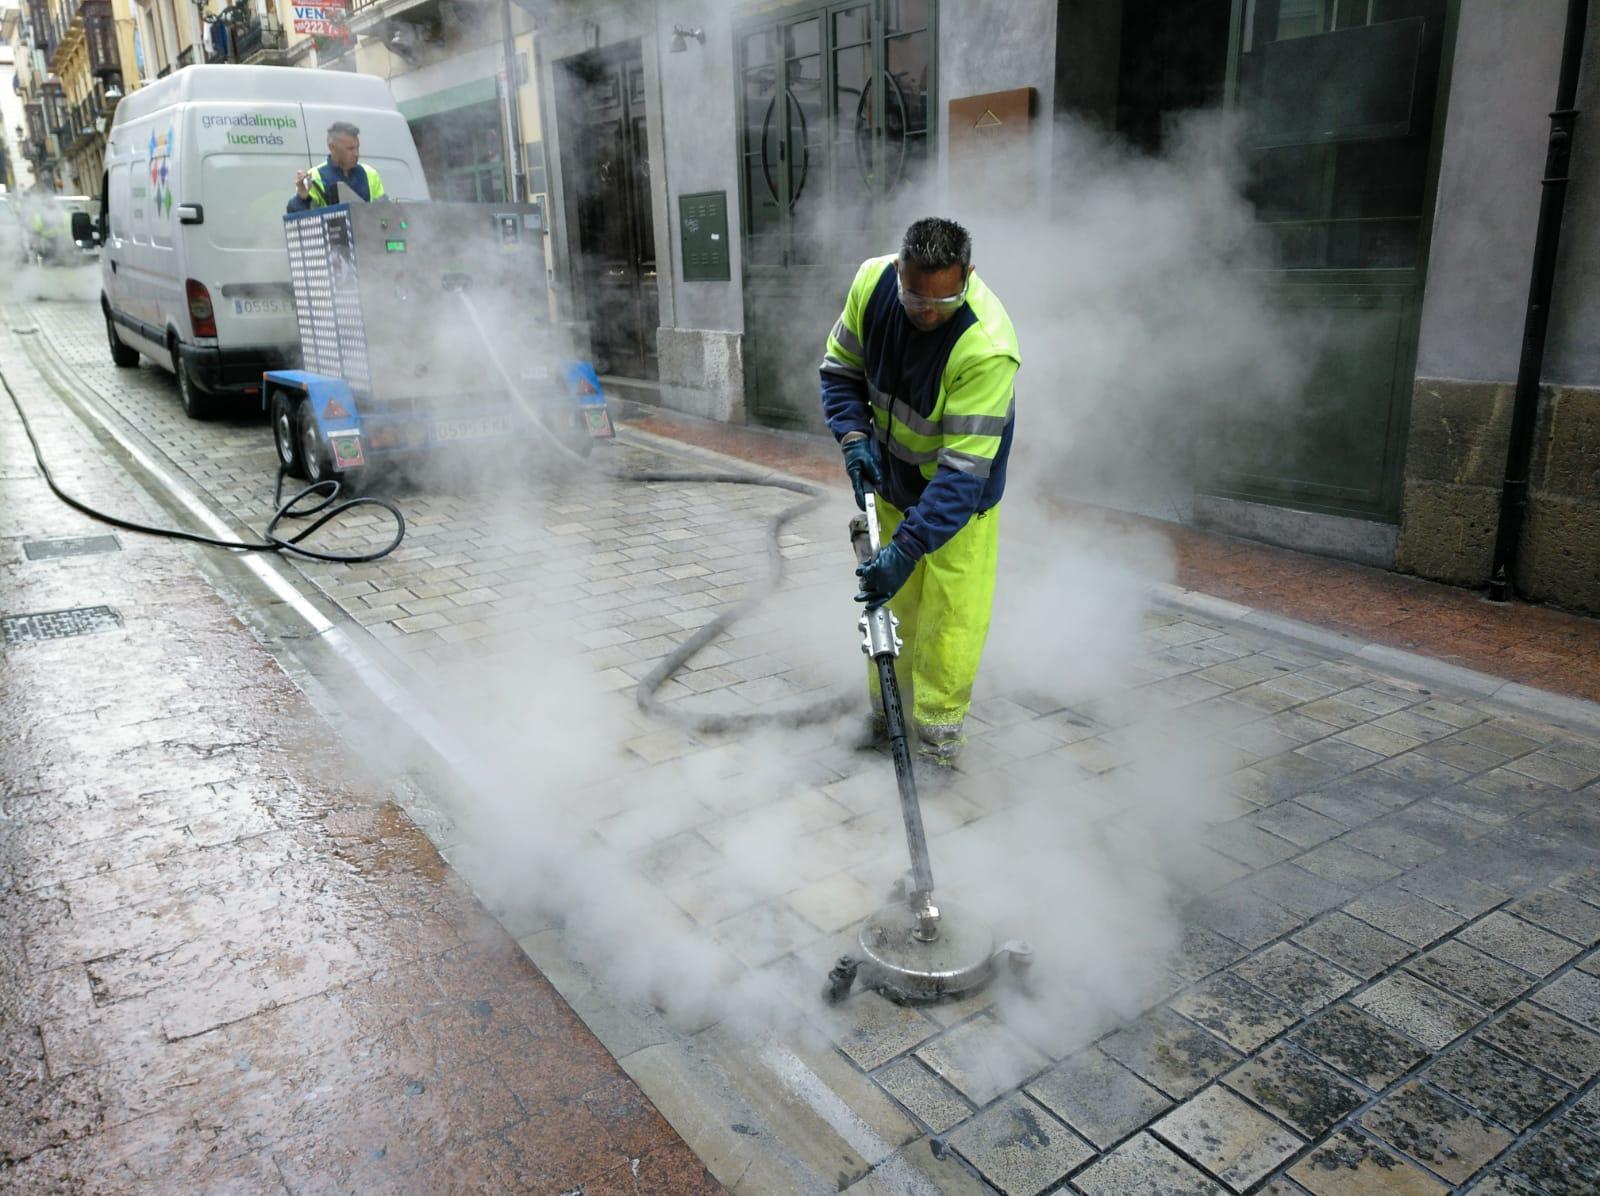 El Ayuntamiento publica su plan de limpieza y desinfección del mobiliario urbano